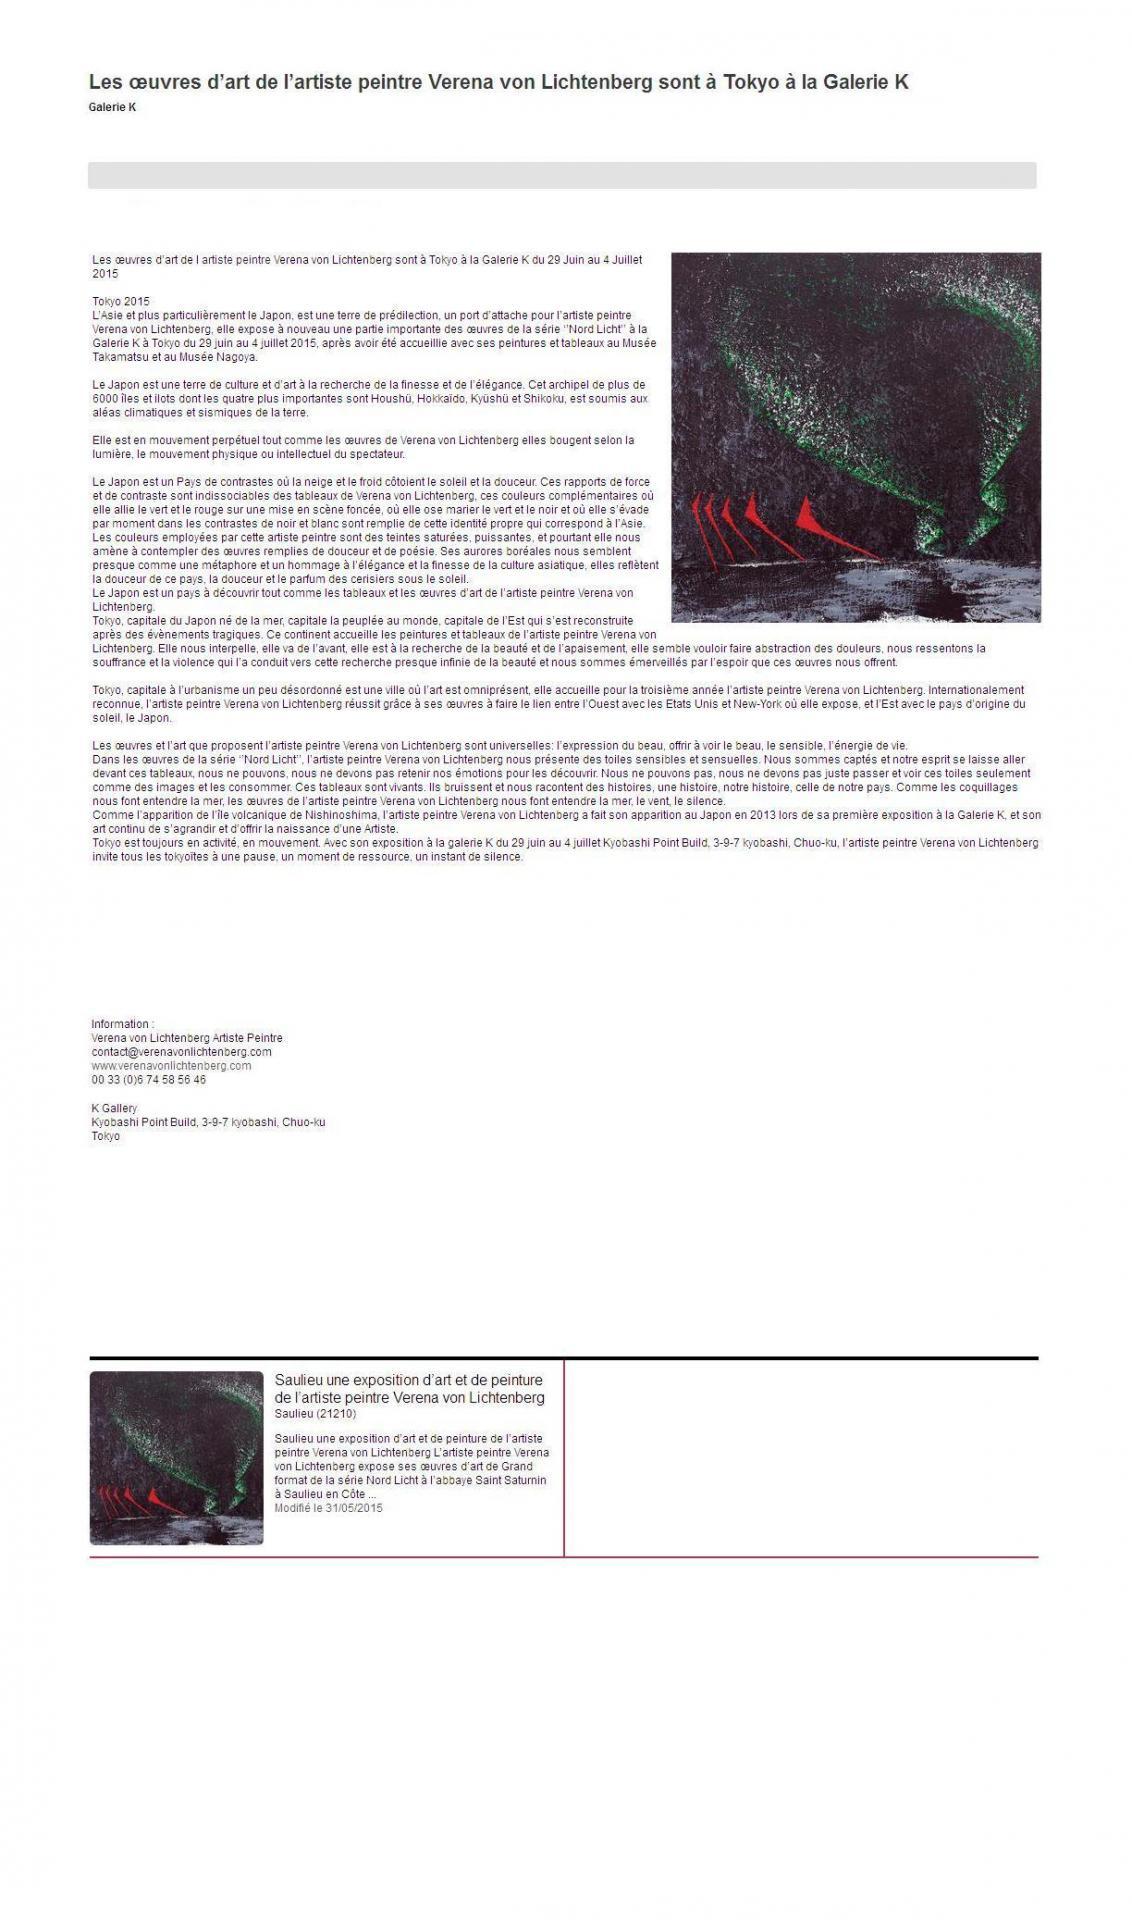 Tokyo galery k verena von lichtenberg art exhibition nord licht